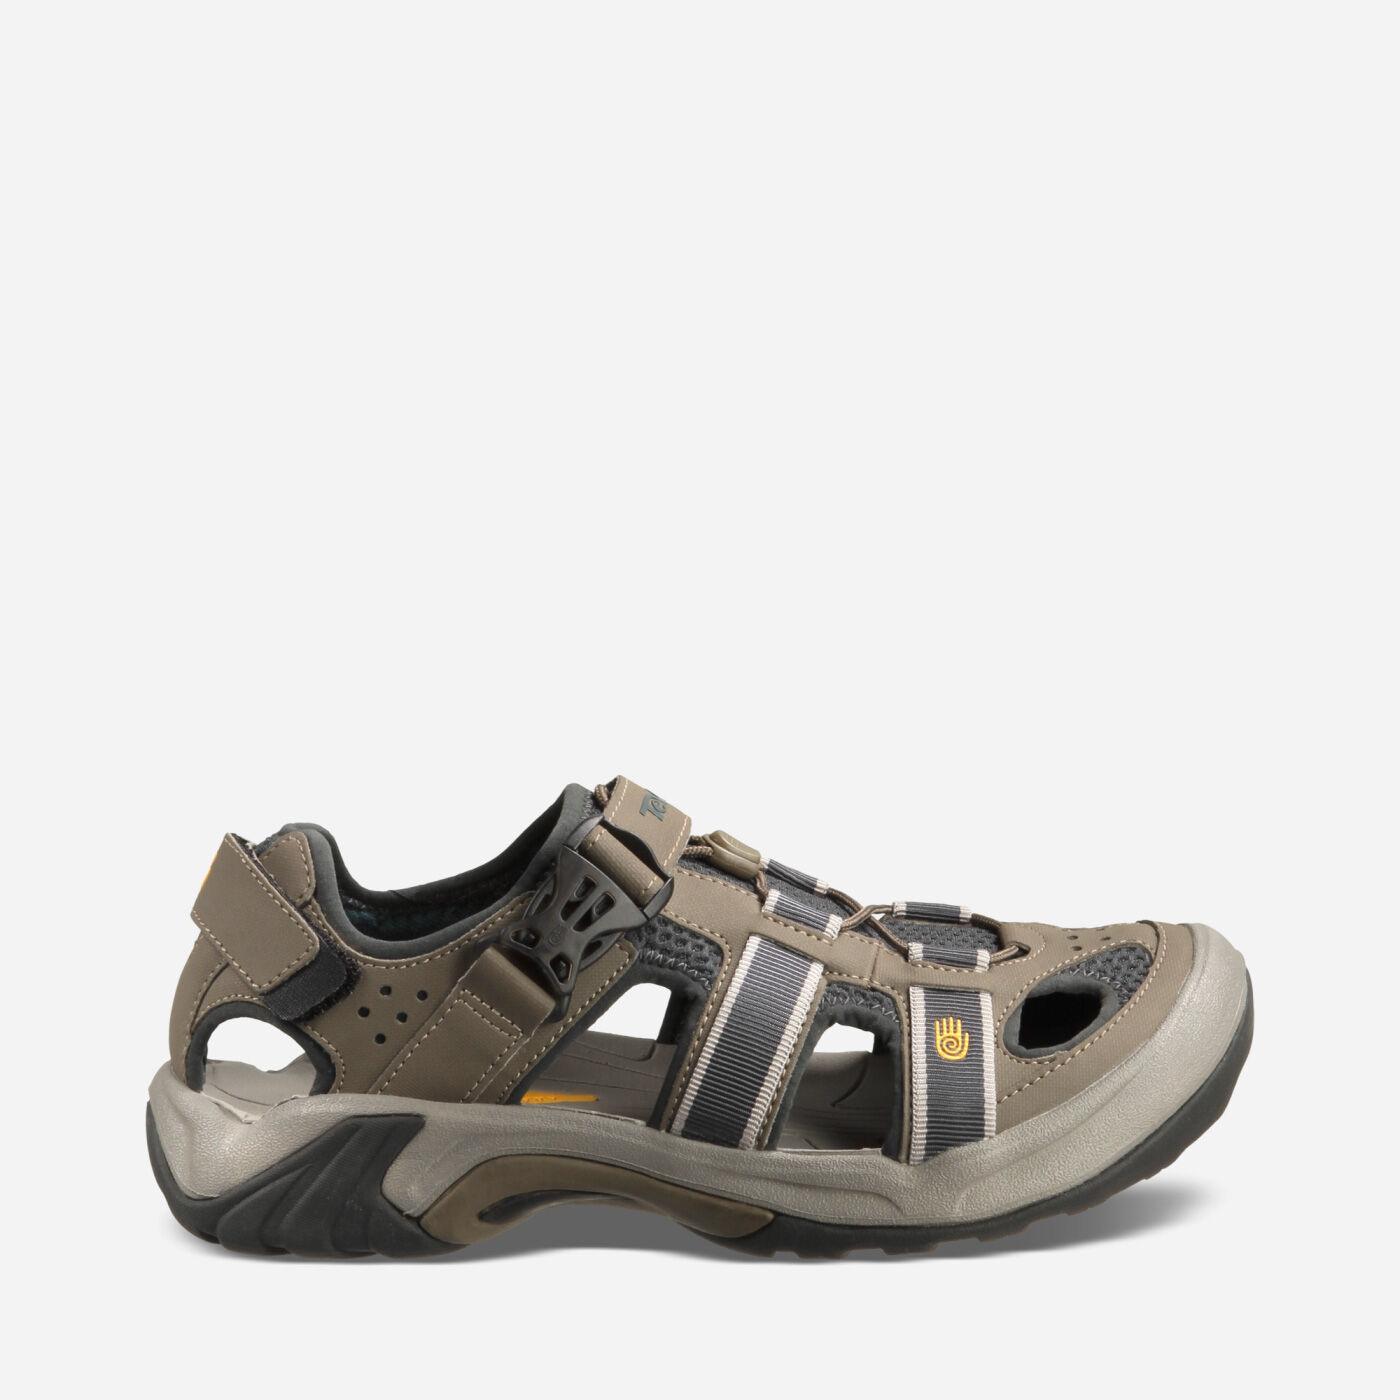 Roller dozer shoes - Omnium